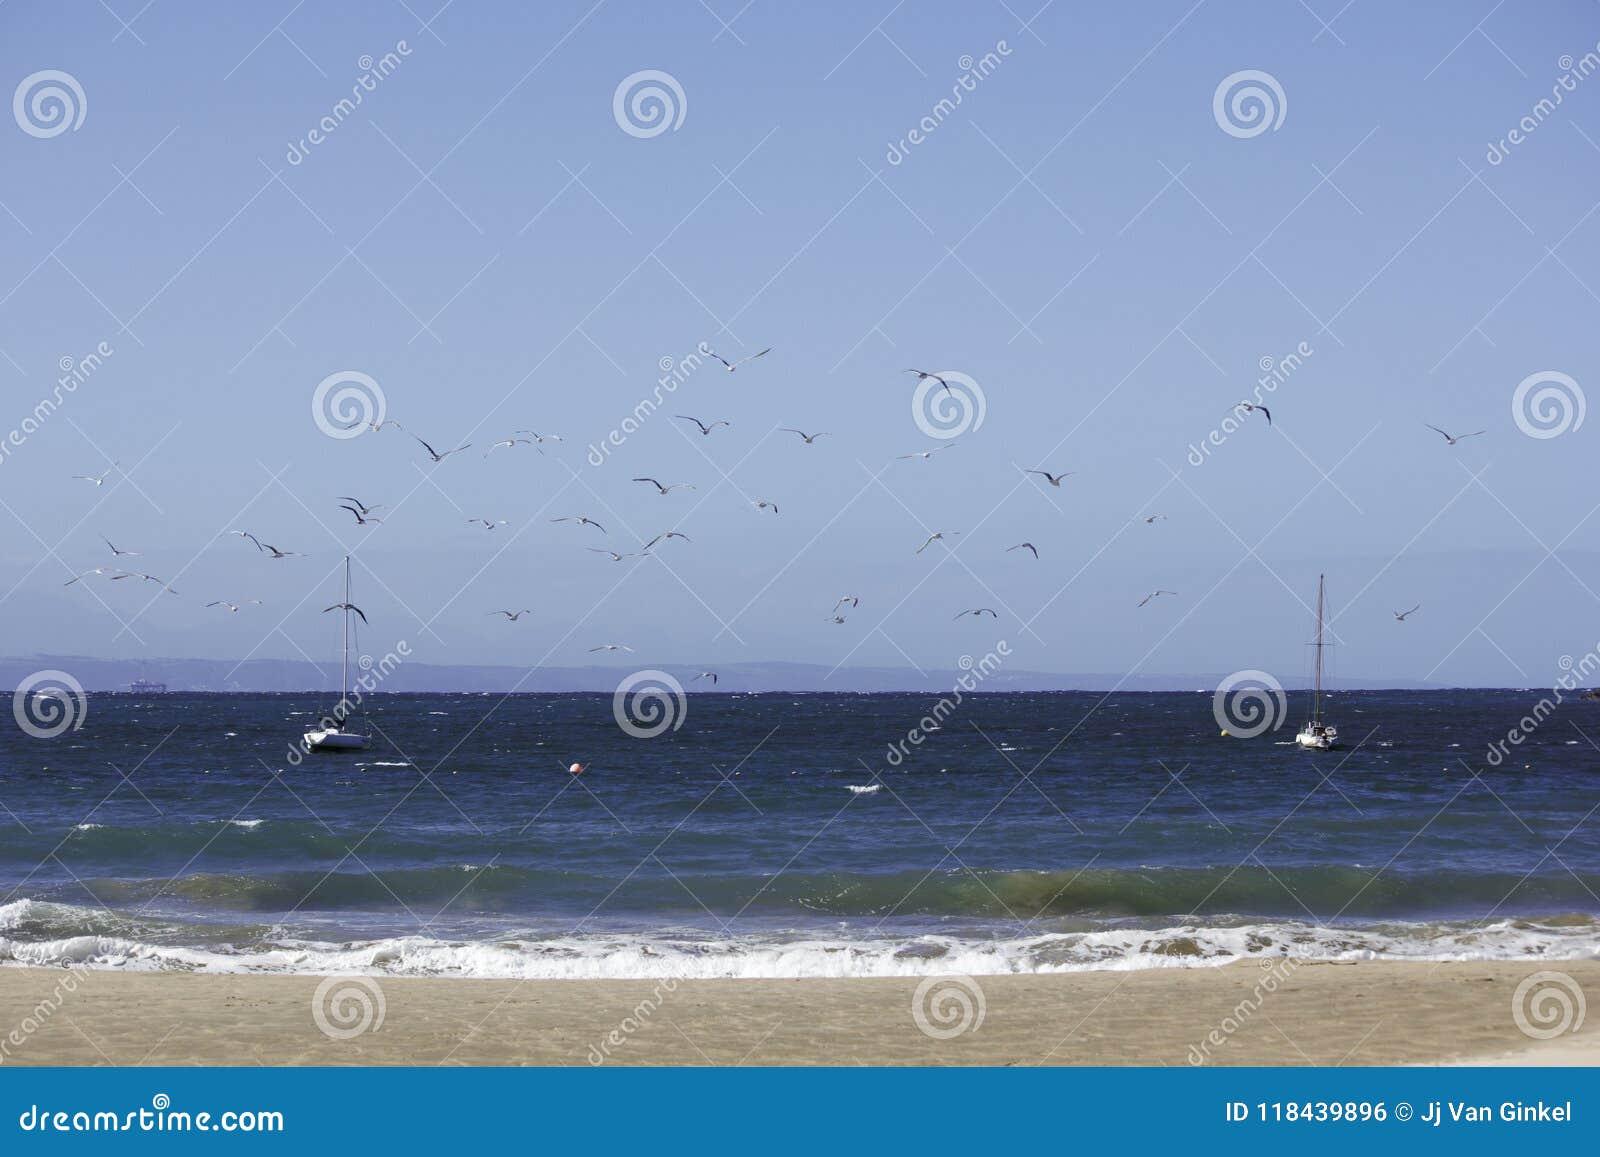 Bateaux à voile à l ancre près de la plage avec la scène d oiseaux en vol